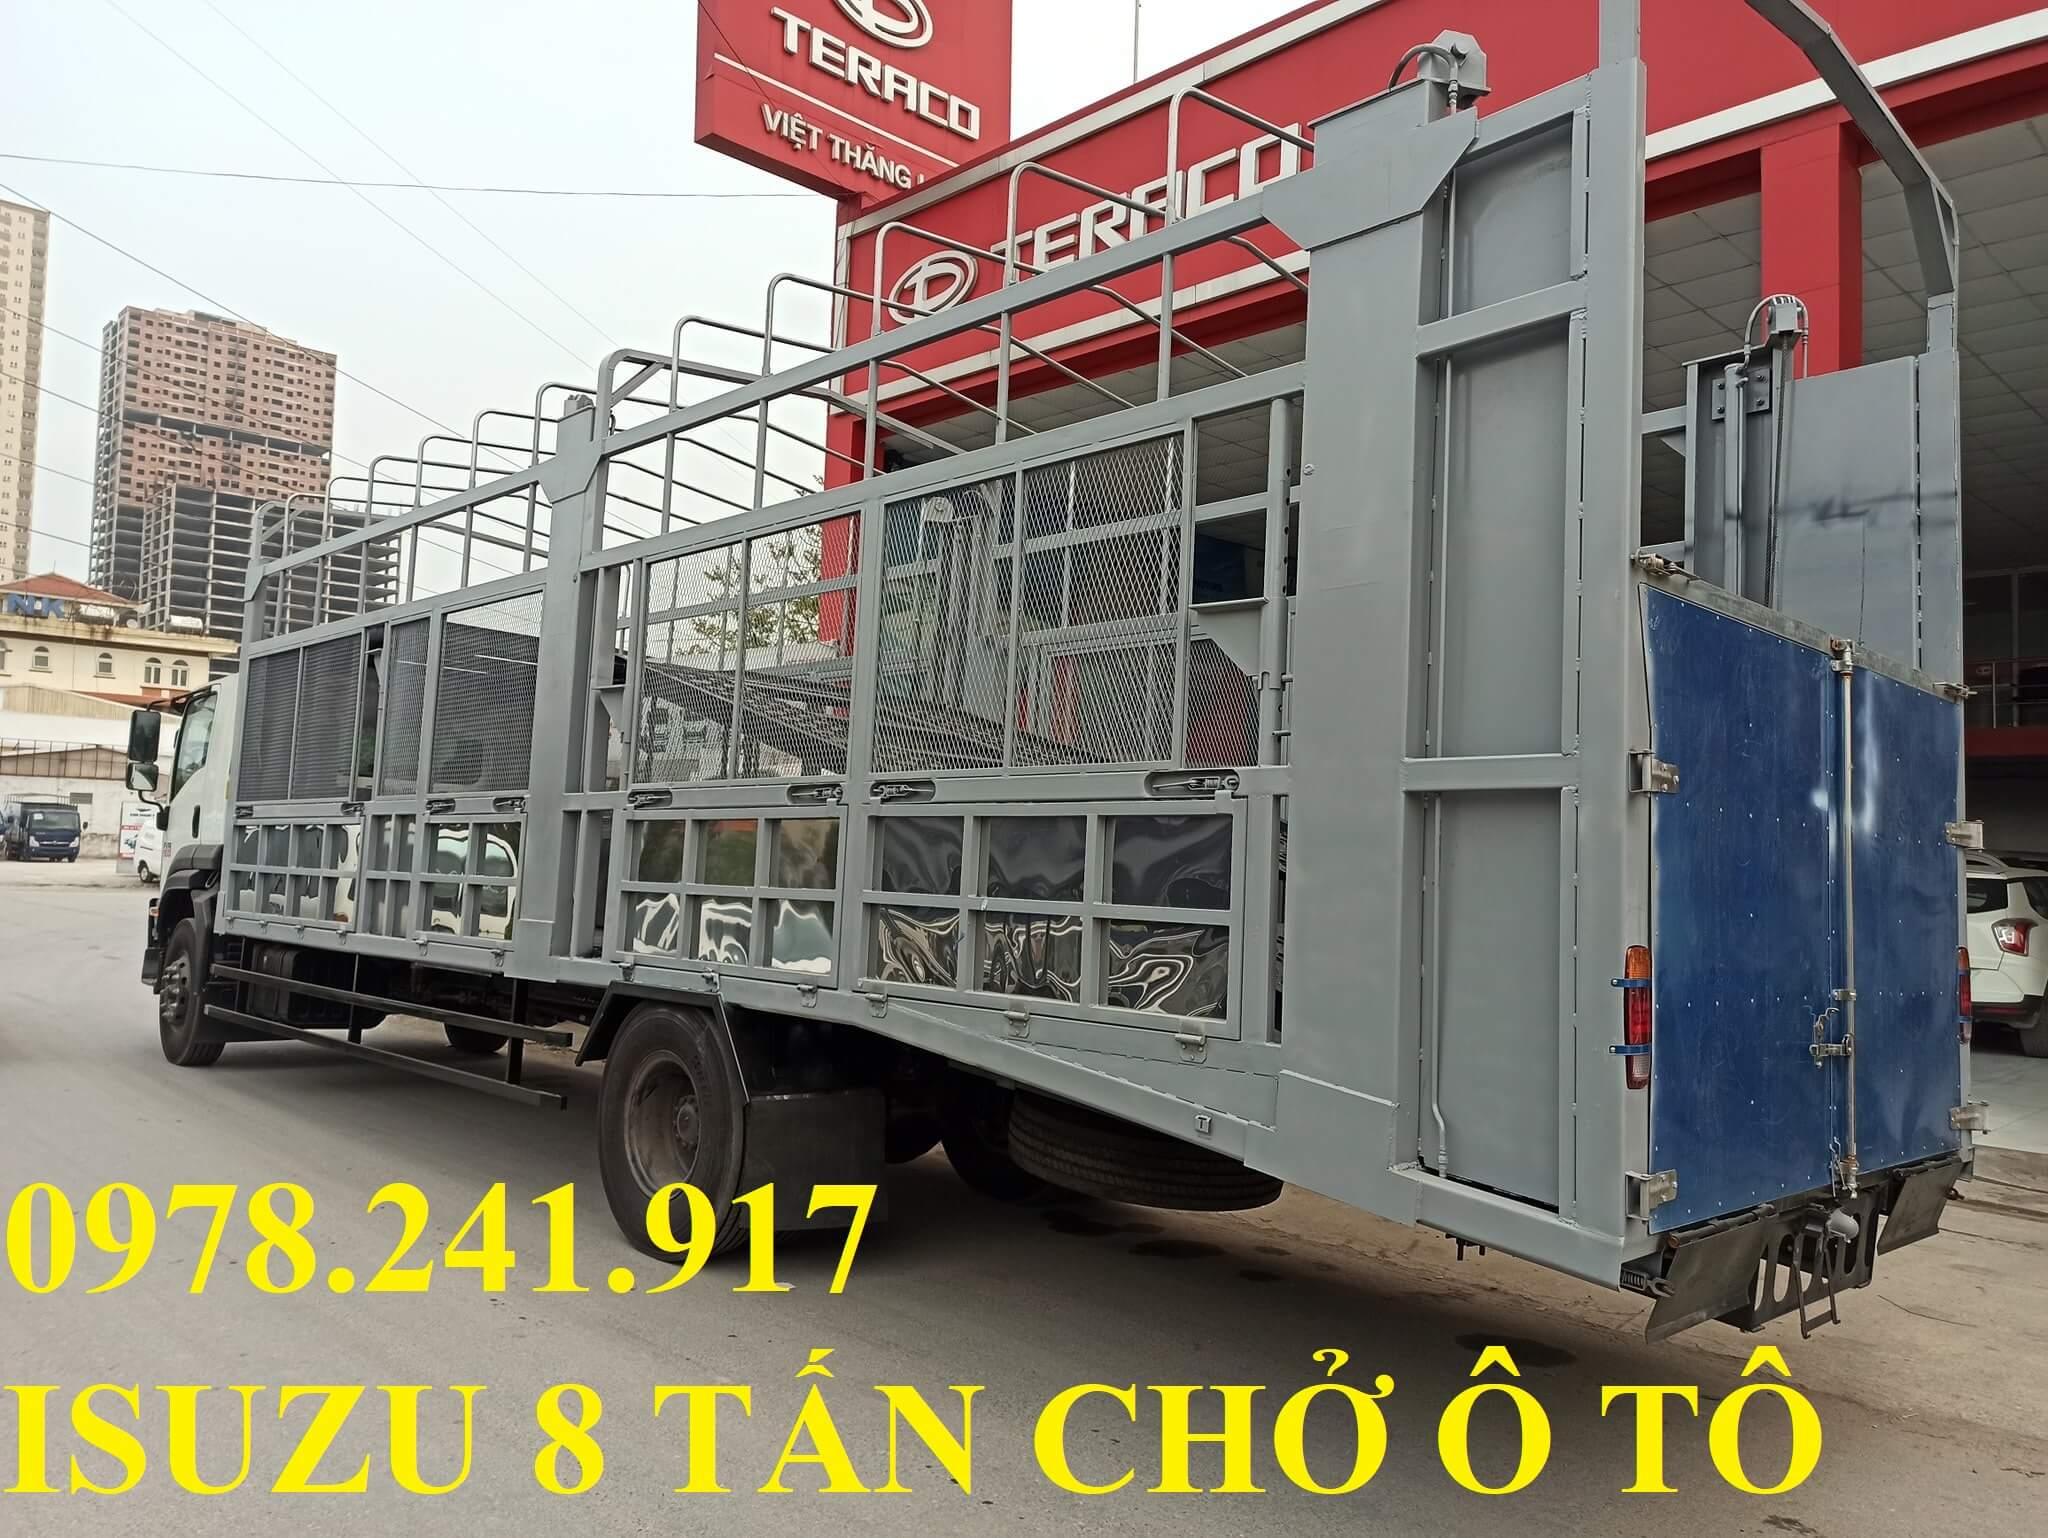 xe tải isuzu 8 tấn thùng cõng chở ô tô 2 tầng